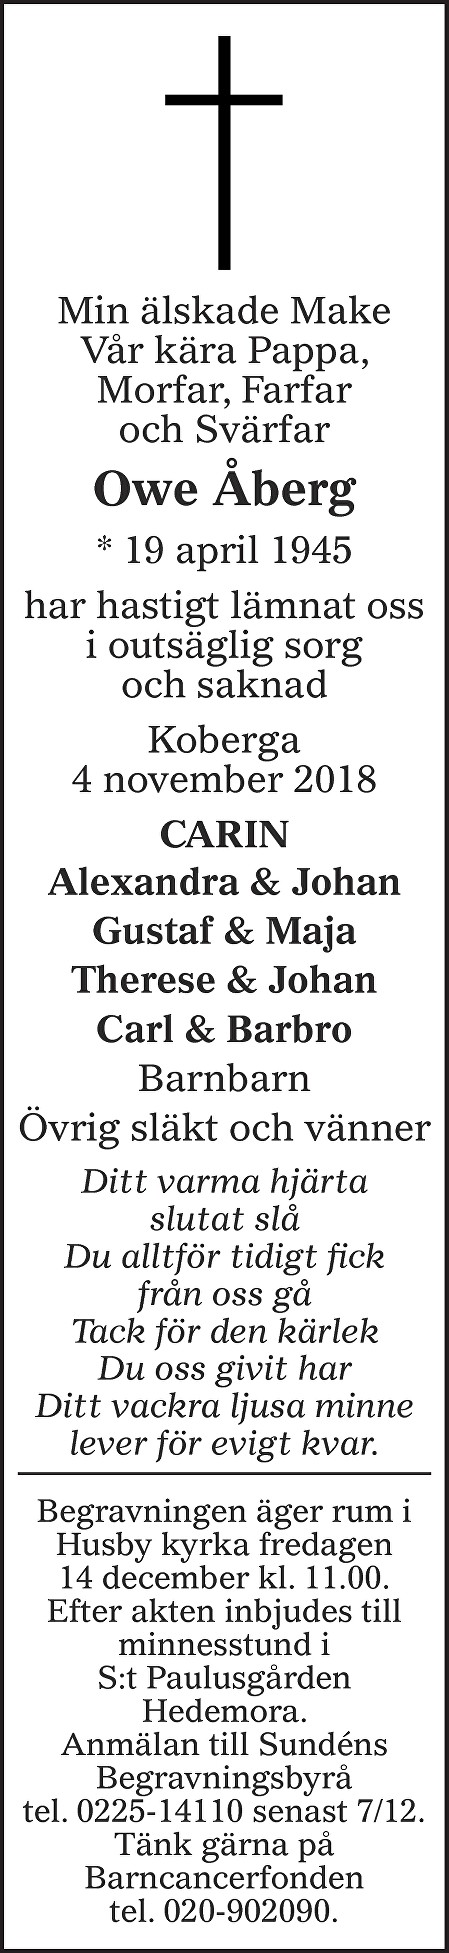 Ove Åberg Death notice